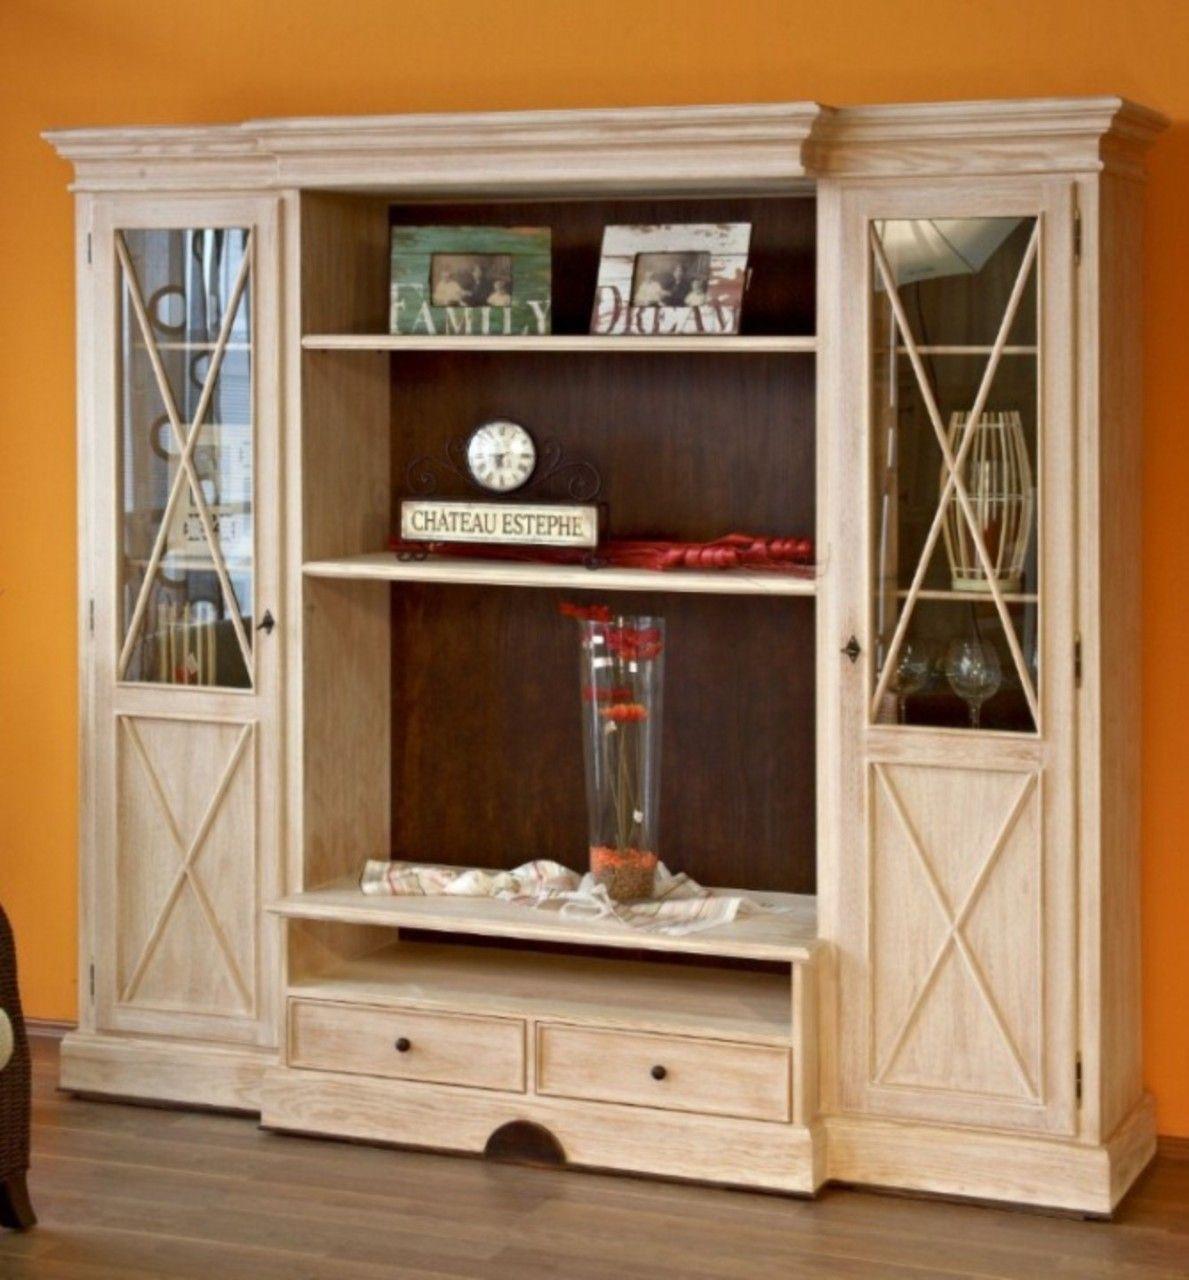 Wohnwand Wohnzimmer Schrank Allegro 256 Cm Breit Pinie Vintage Mit Beleuchtung Mobel Furniture Livingroom Livingroomideas Online Mobel Wohnwand Wohnzimmer